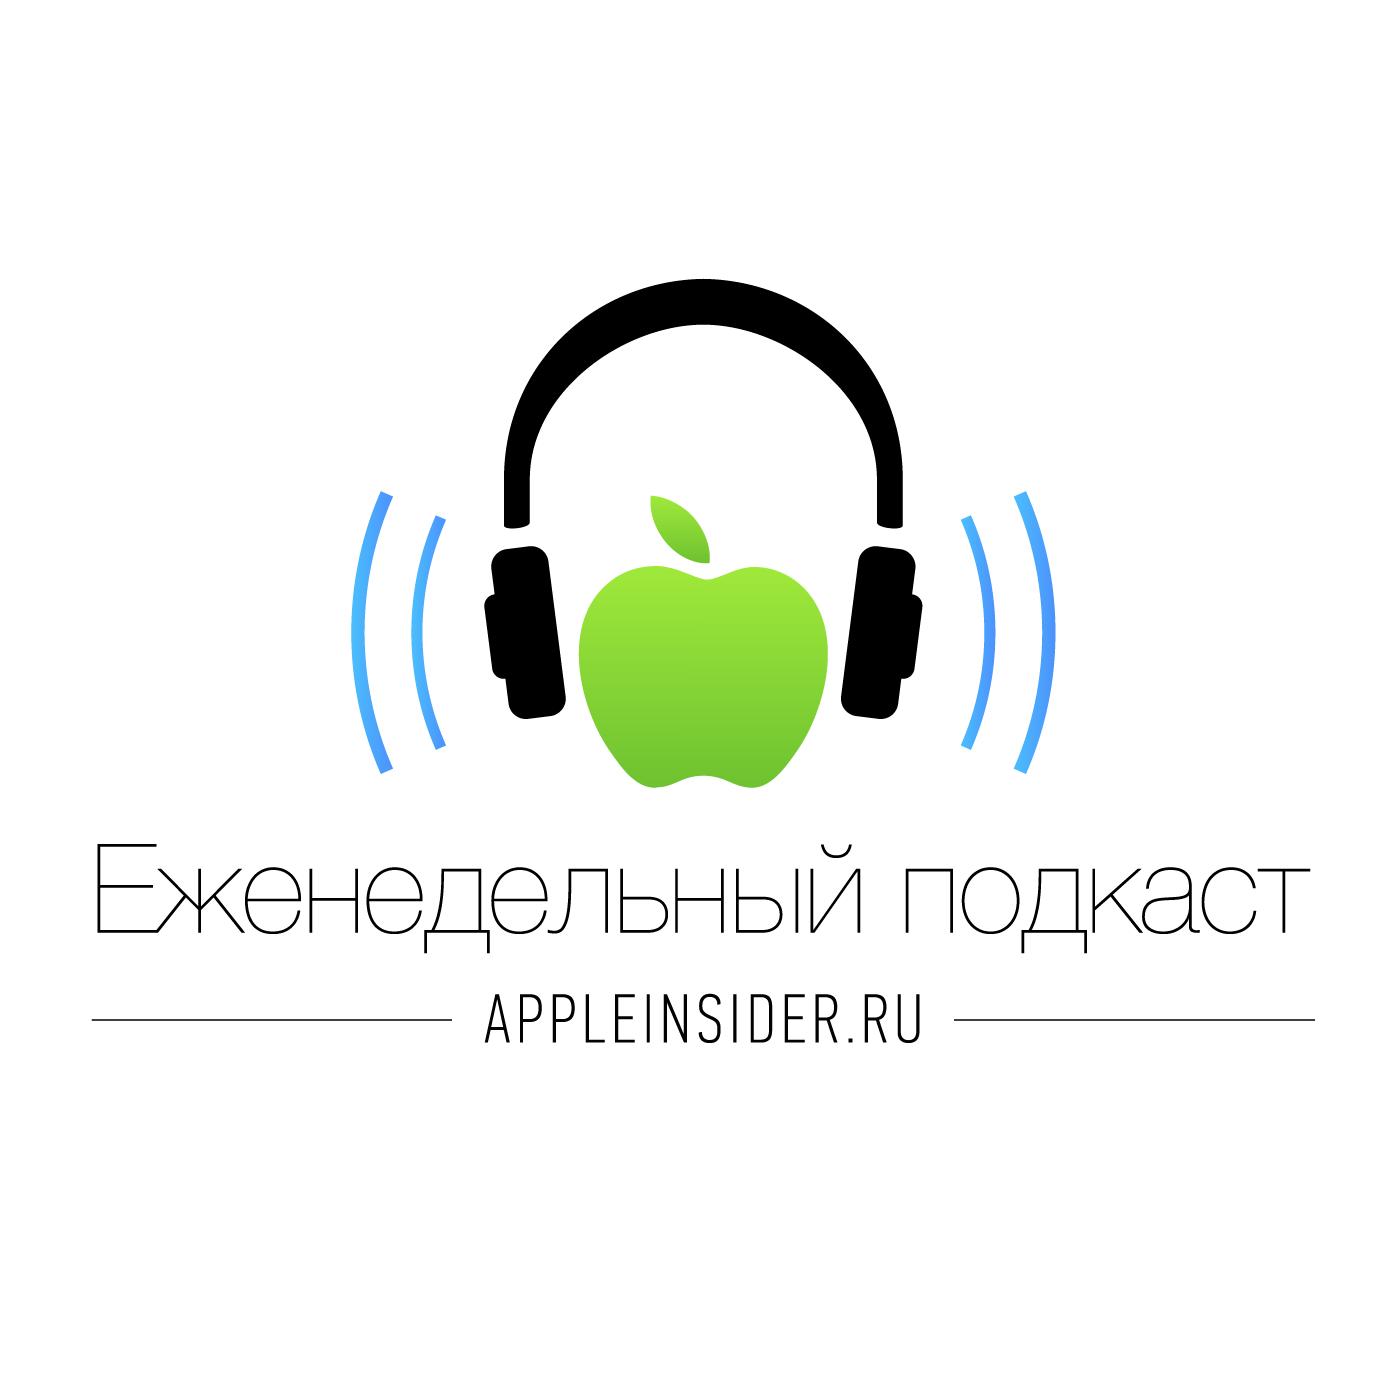 Миша Королев iOS 10 не даст Siri работать на нескольких устройствах одновременно миша королев ios 9 3 2